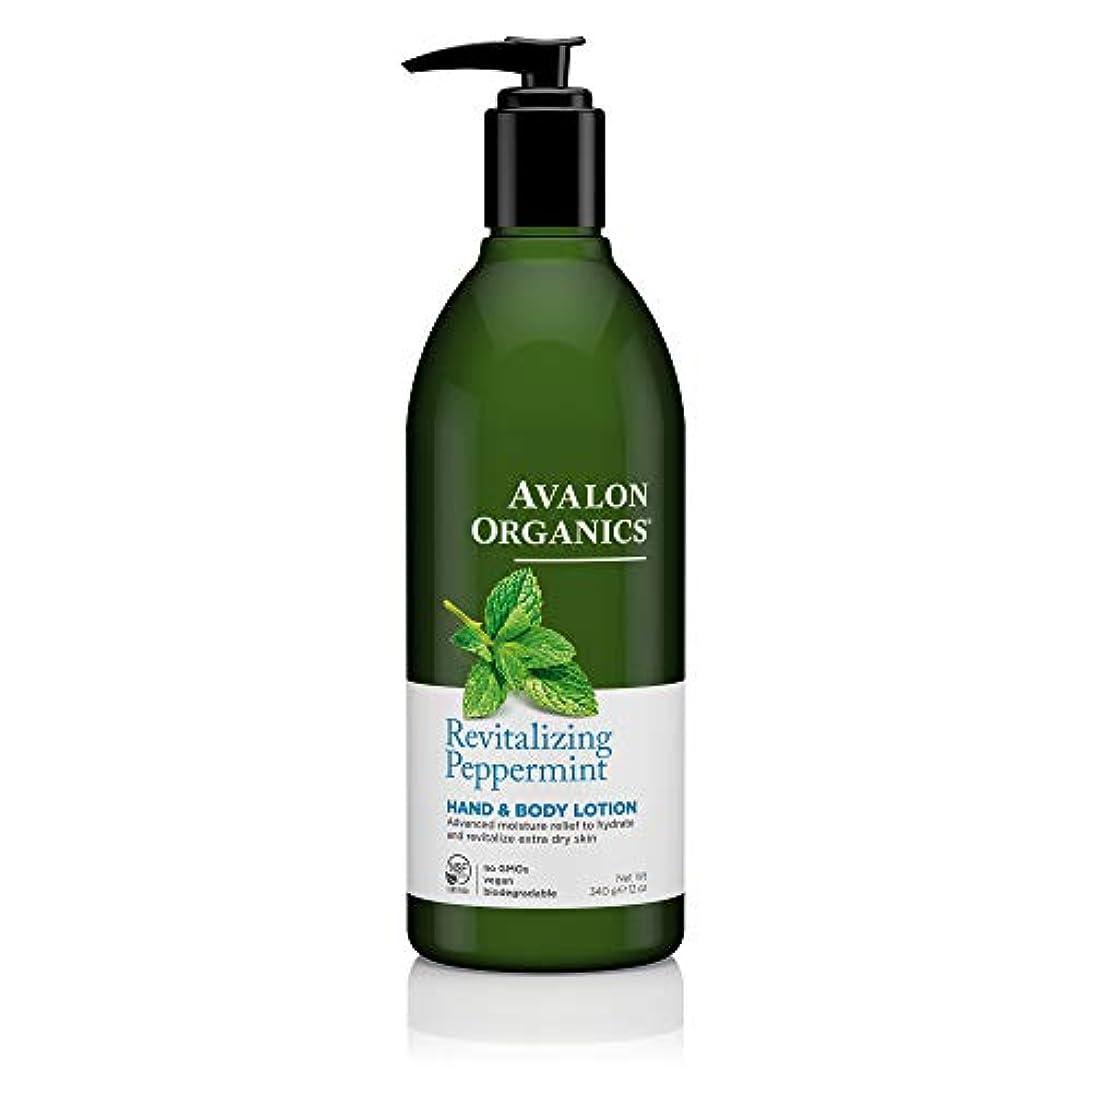 飢えたコンデンサーゴシップAvalon Organics Peppermint Hand And Body Lotion, 12-Ounce Bottle (Pack of 2) by Avalon [並行輸入品]